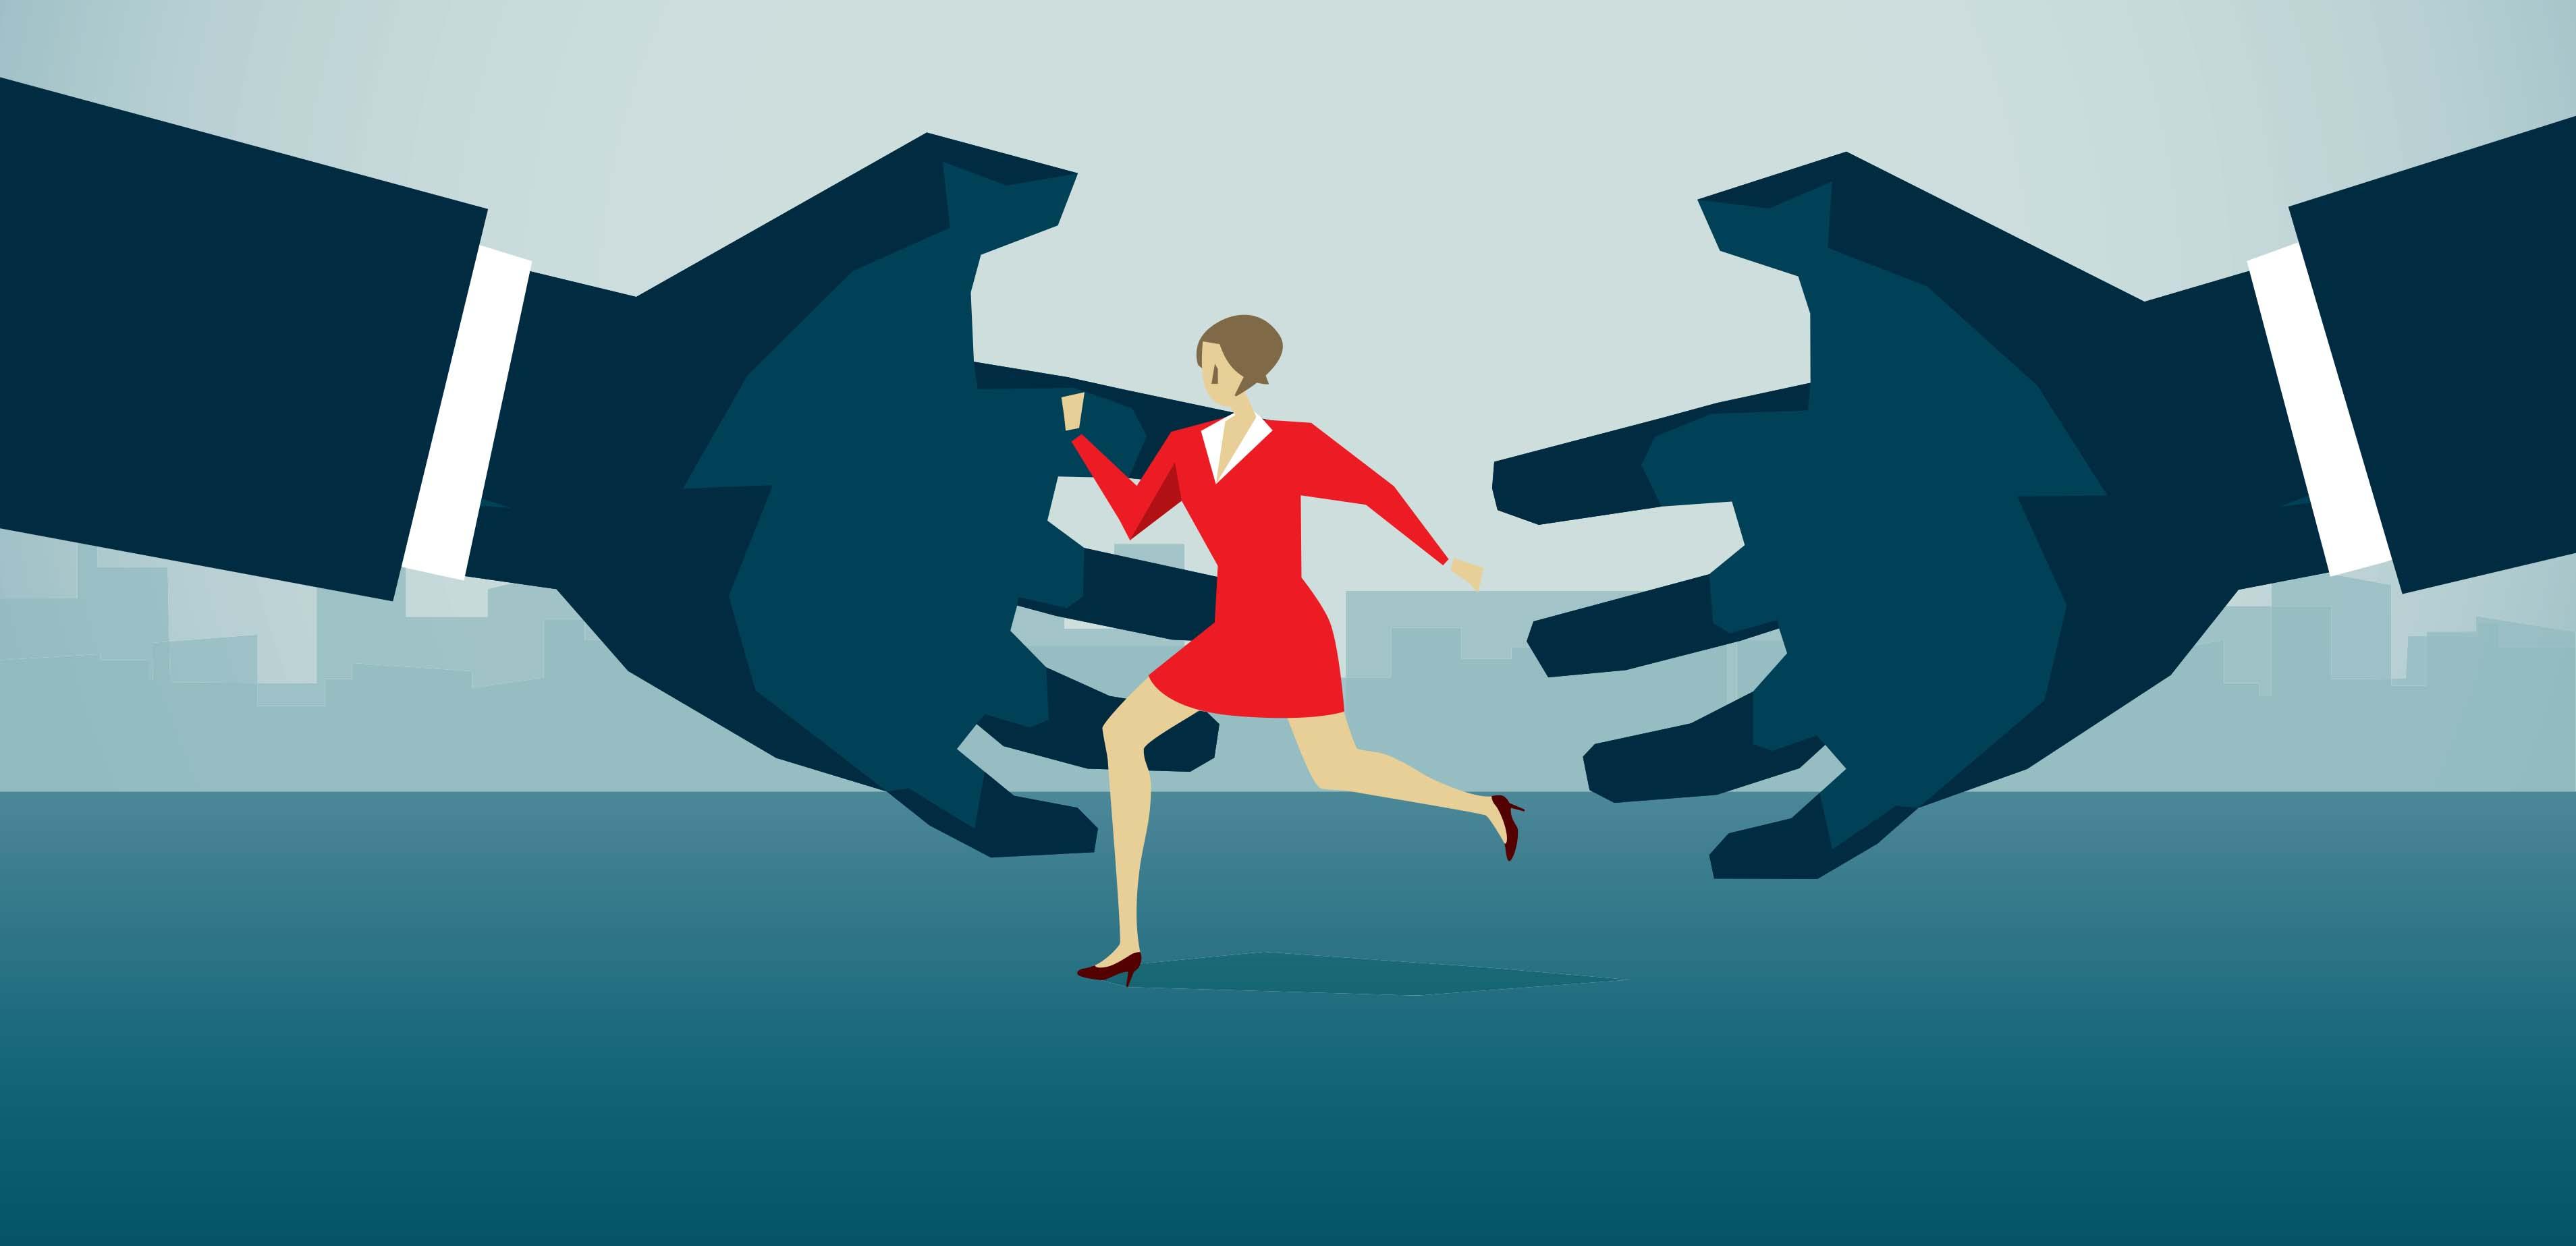 कार्यस्थल पर यौन हिंसा करने वालों के नाम 'एक पड़ताल'